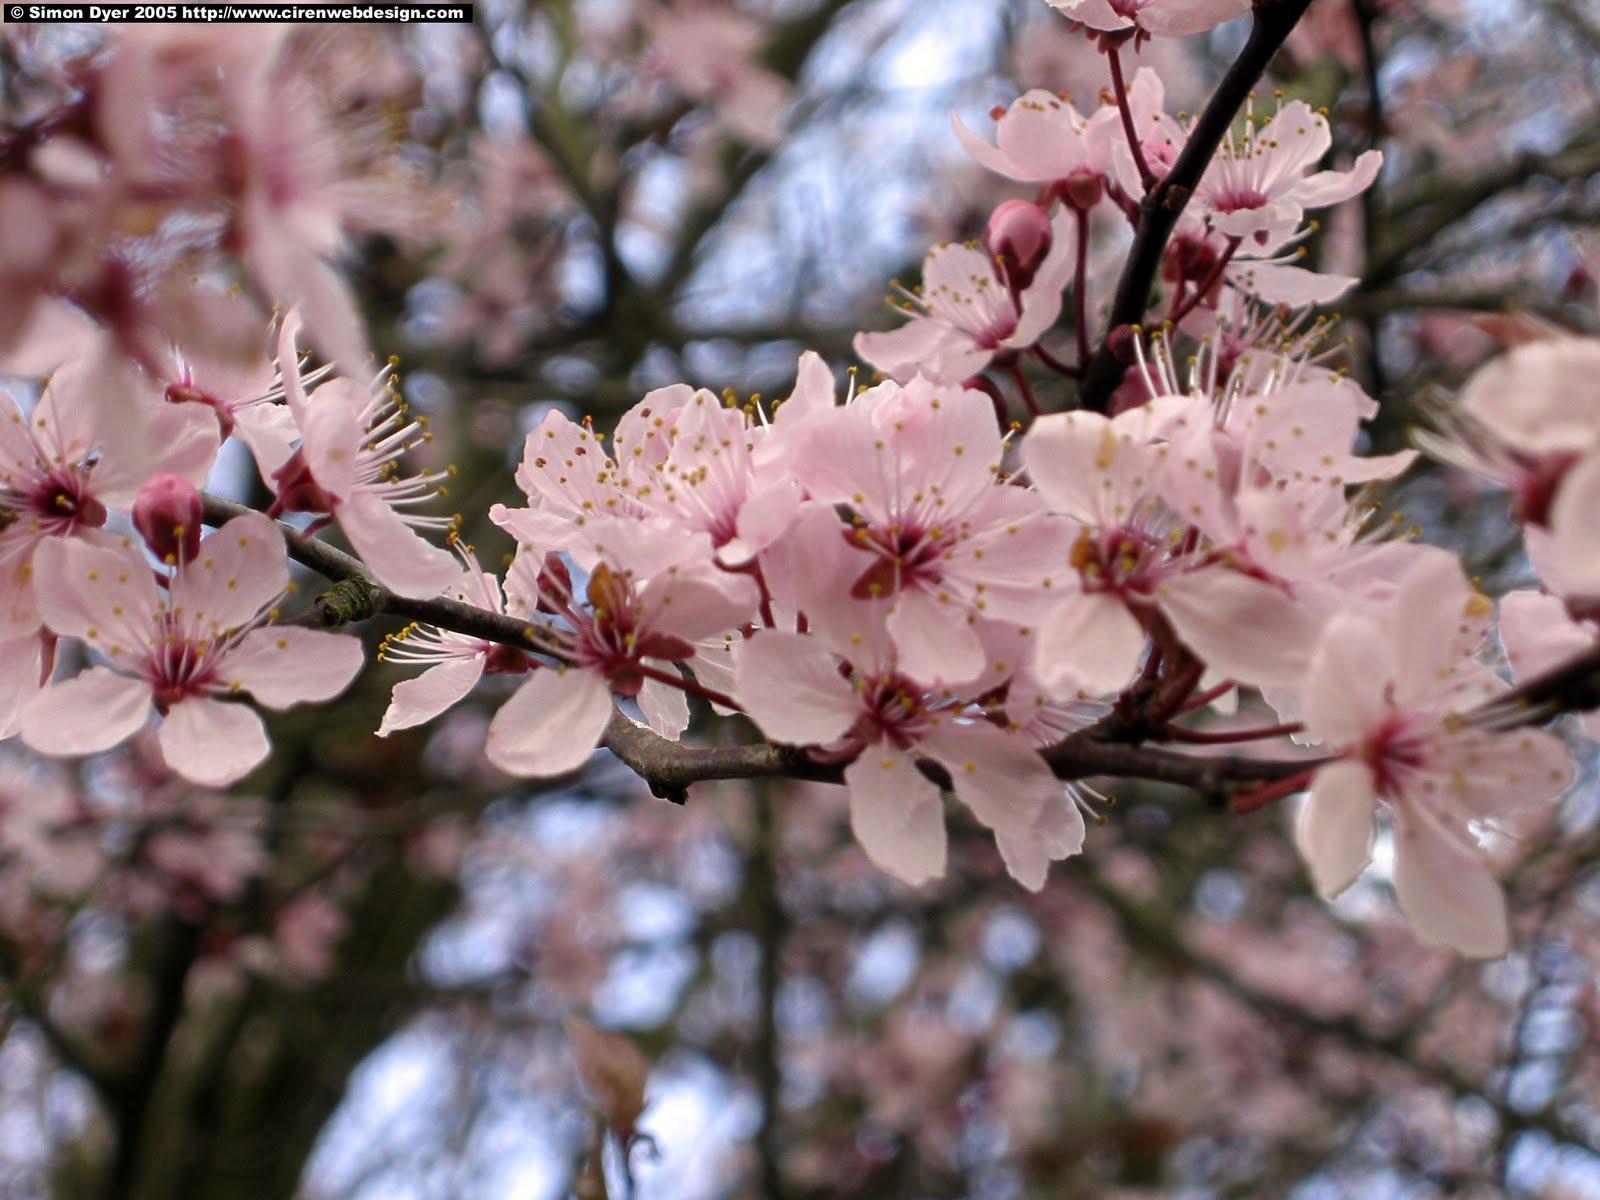 http://2.bp.blogspot.com/-DrqU8sdTt84/TdVNATFNHtI/AAAAAAAAEJc/_rw1vGl44ok/s1600/cherry_blossom.jpg